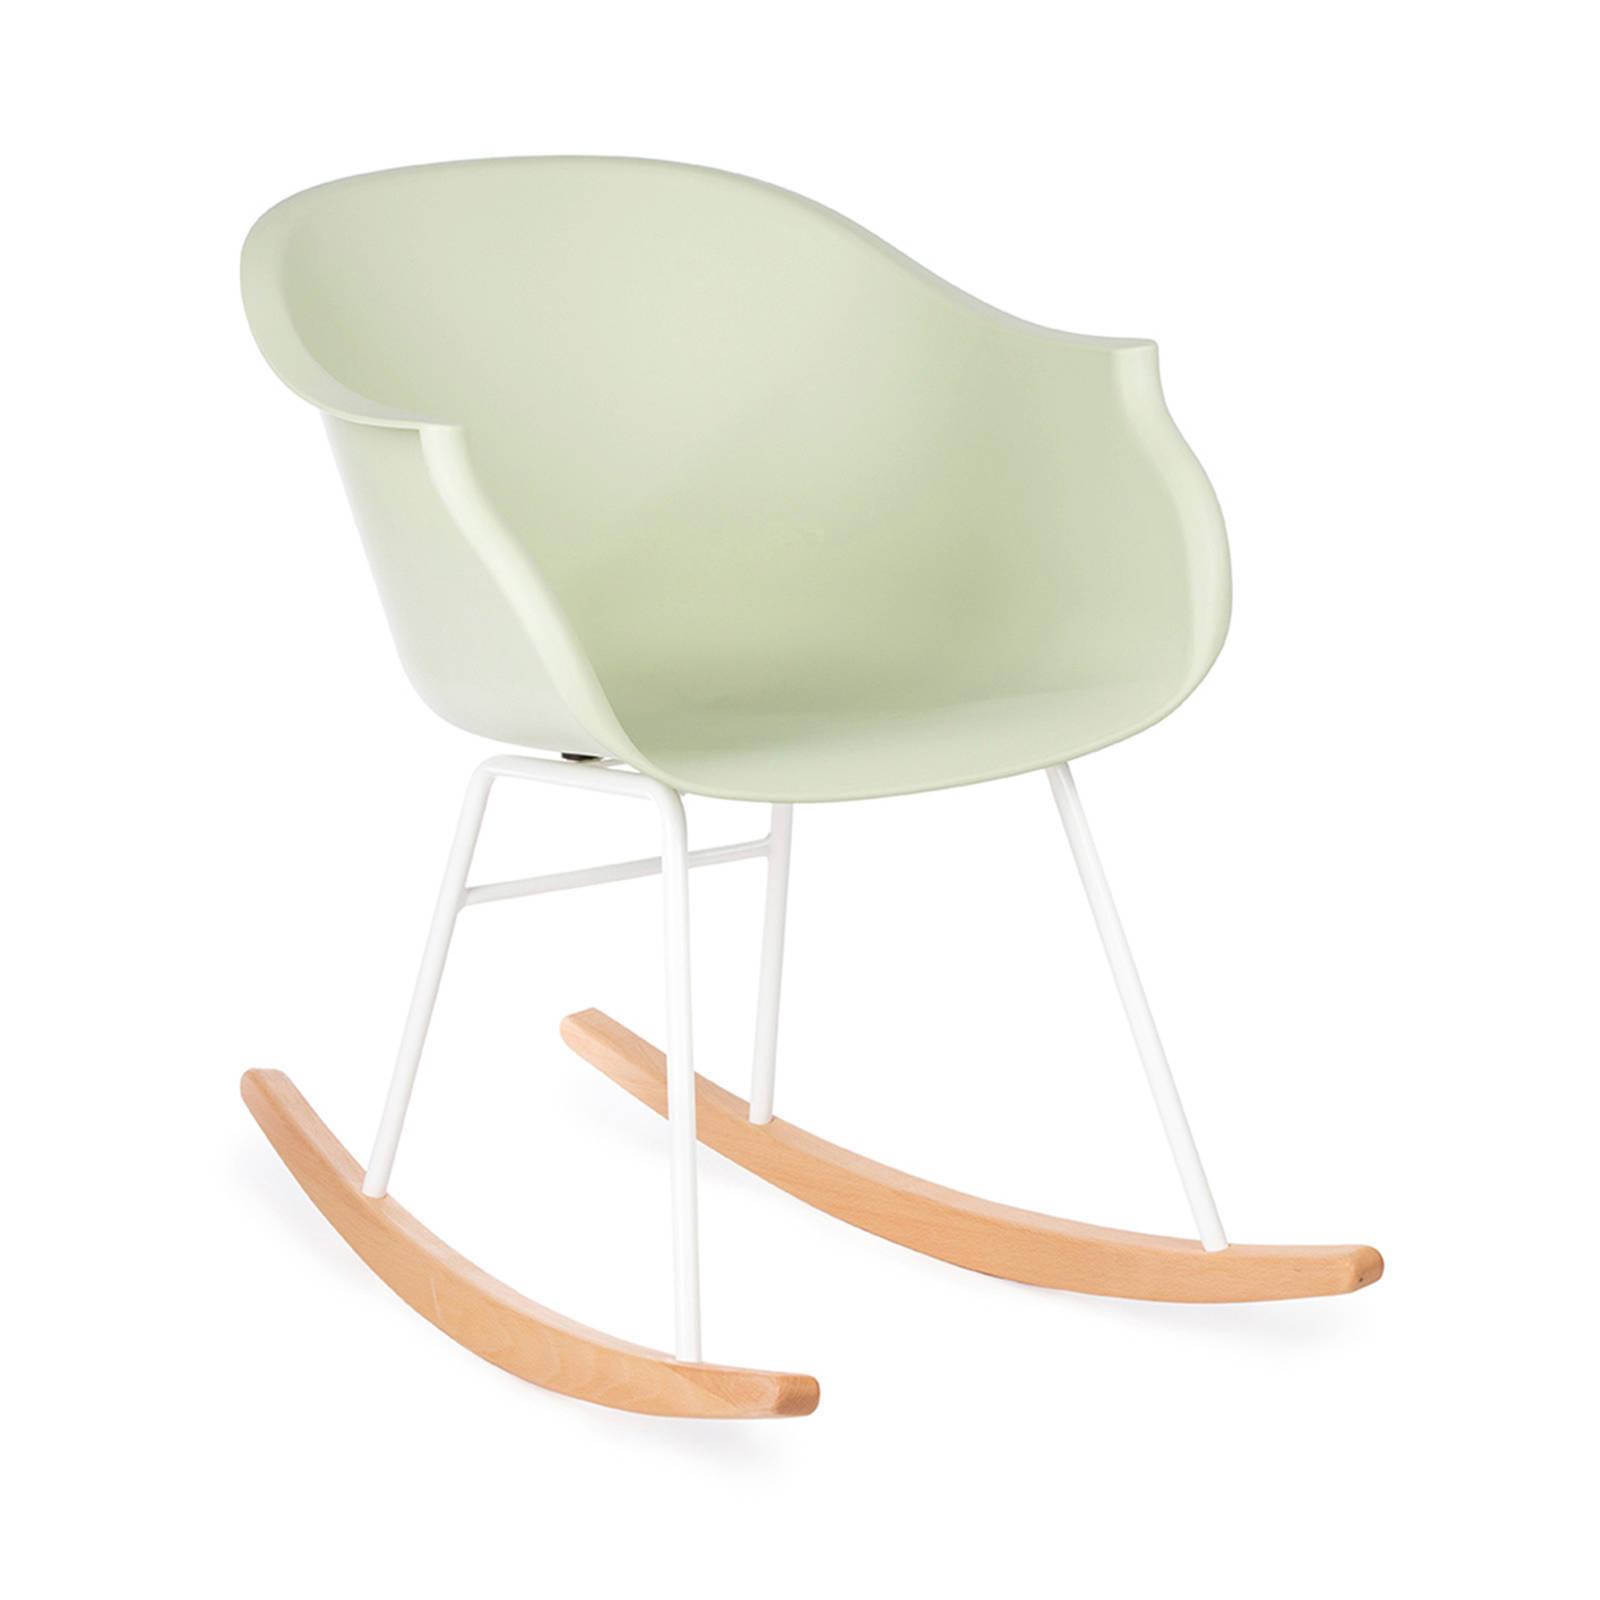 Nieuw KidsDepot schommelstoel voor in de kinderkamer